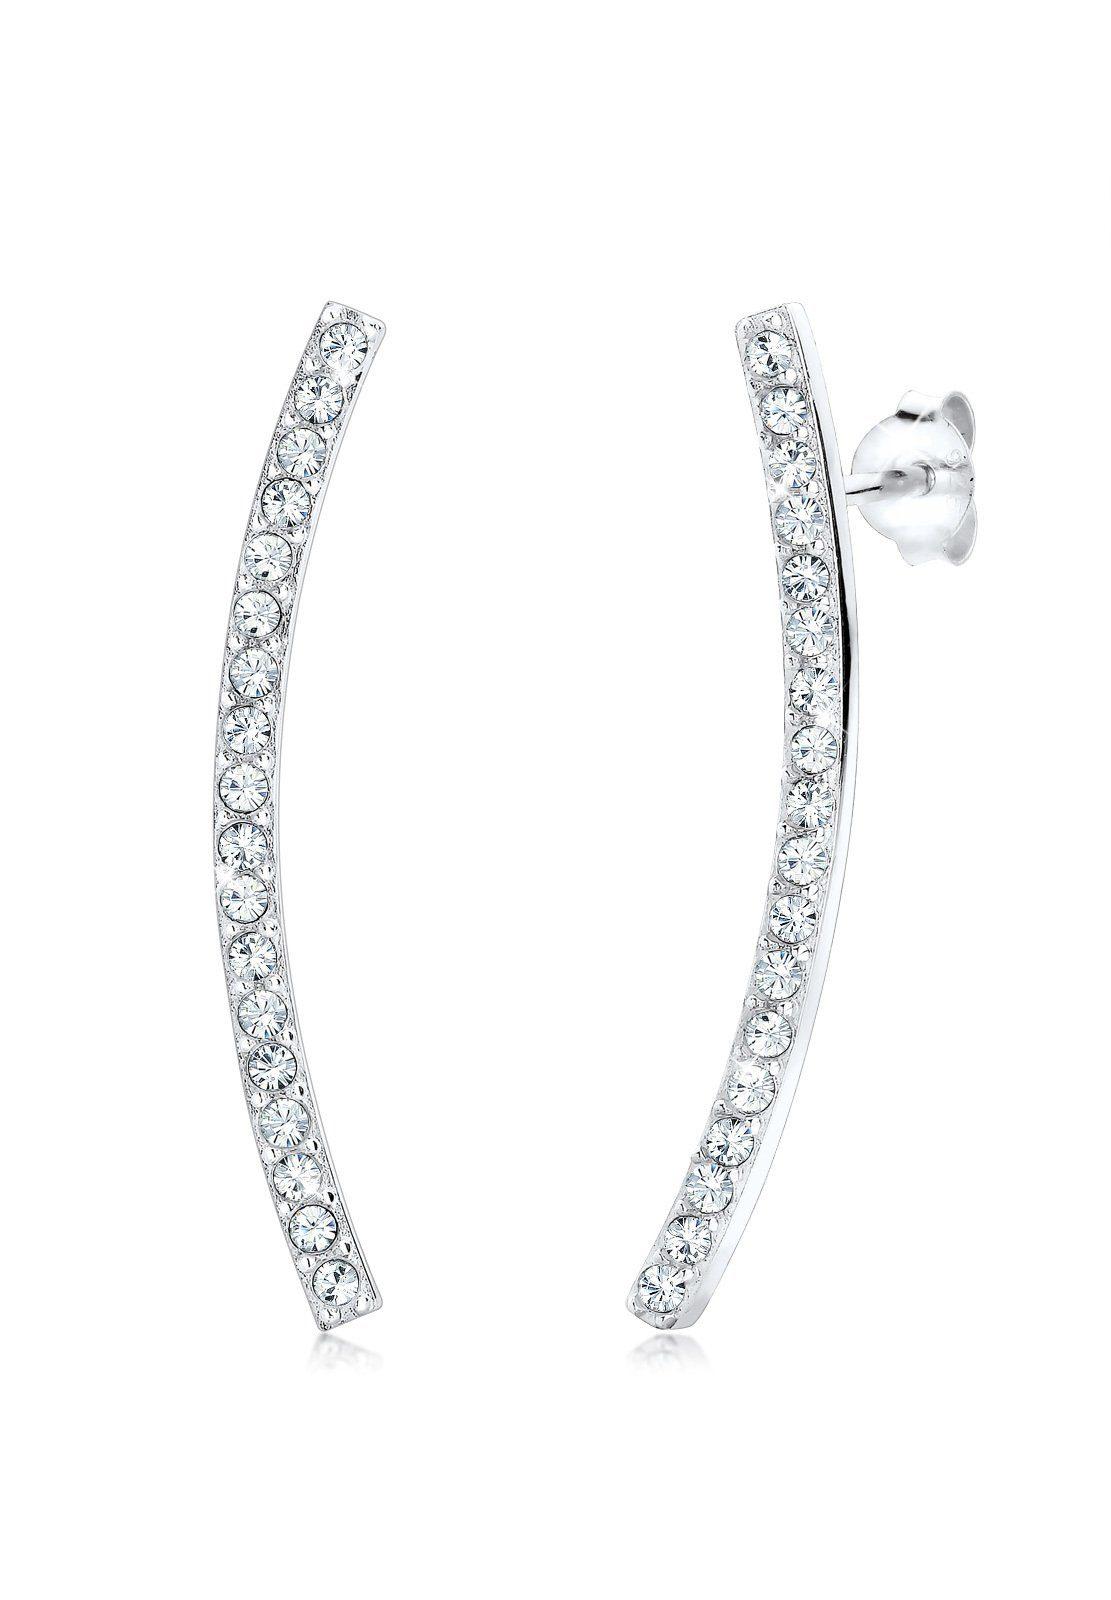 Elli Paar Ohrstecker »Tropfen Geo Trend Swarovski® Kristalle 925 Sterling Silber« online kaufen   OTTO